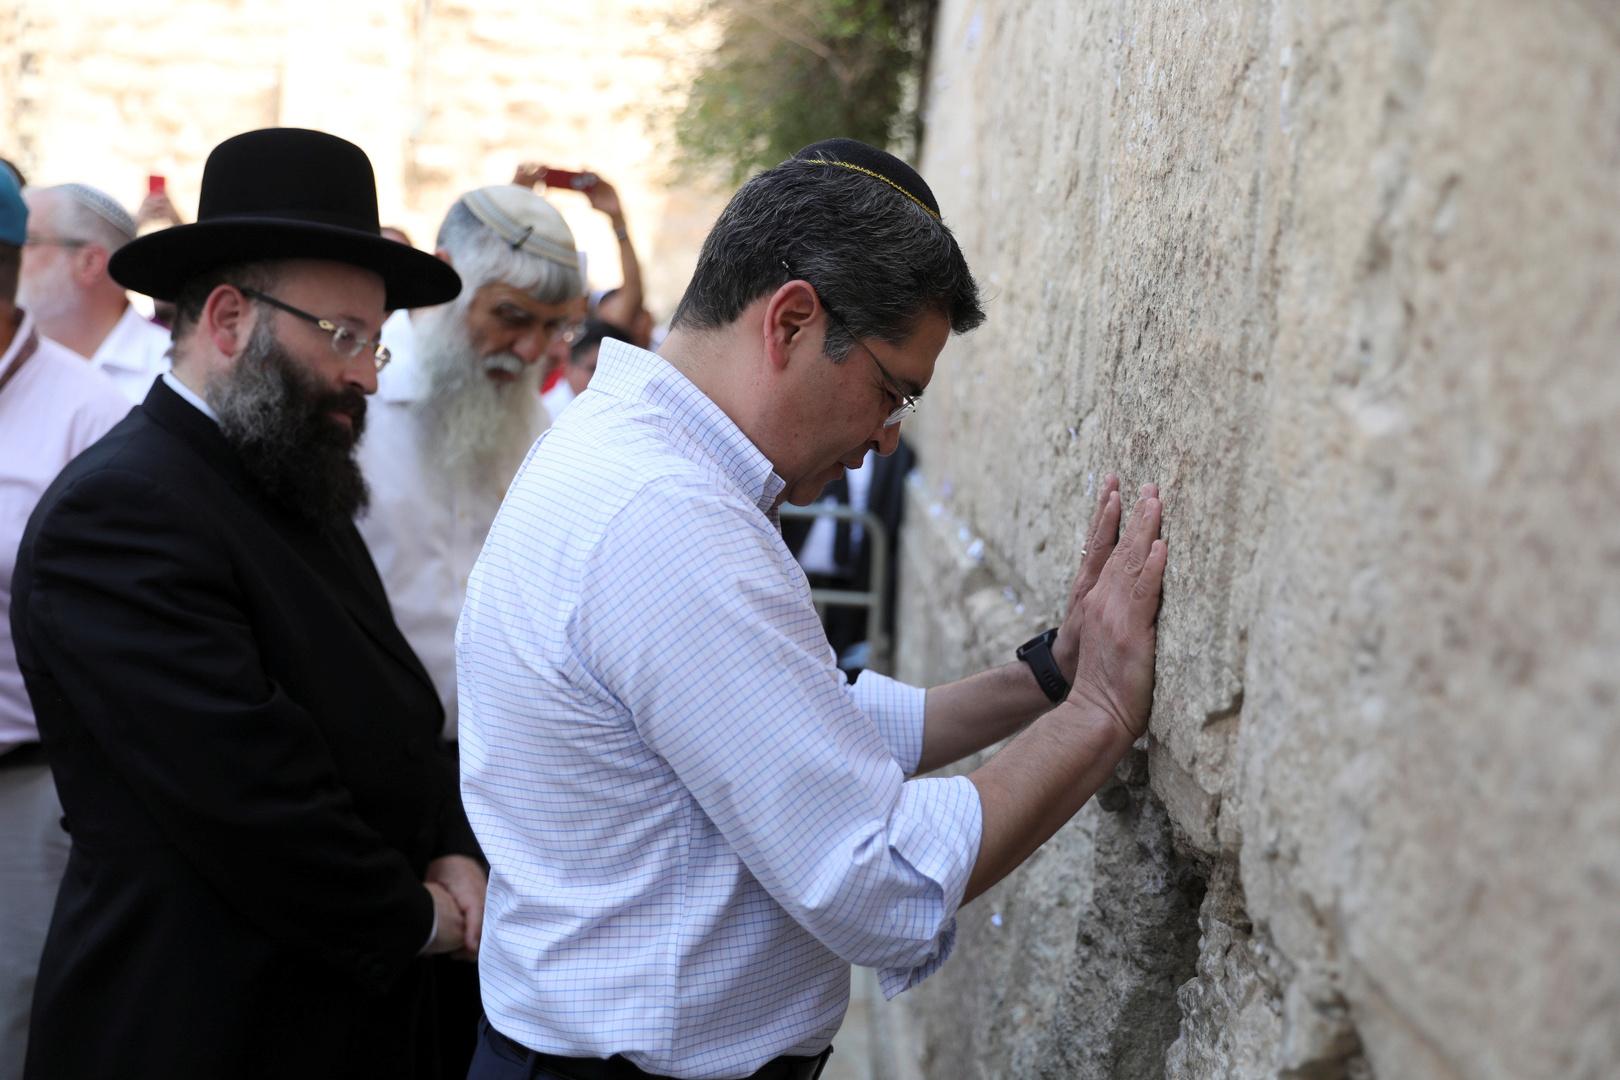 رئيس هندوراس خوان أورلاندو هيرنانديز يزور حائط البراق في القدس - صورة أرشيفية